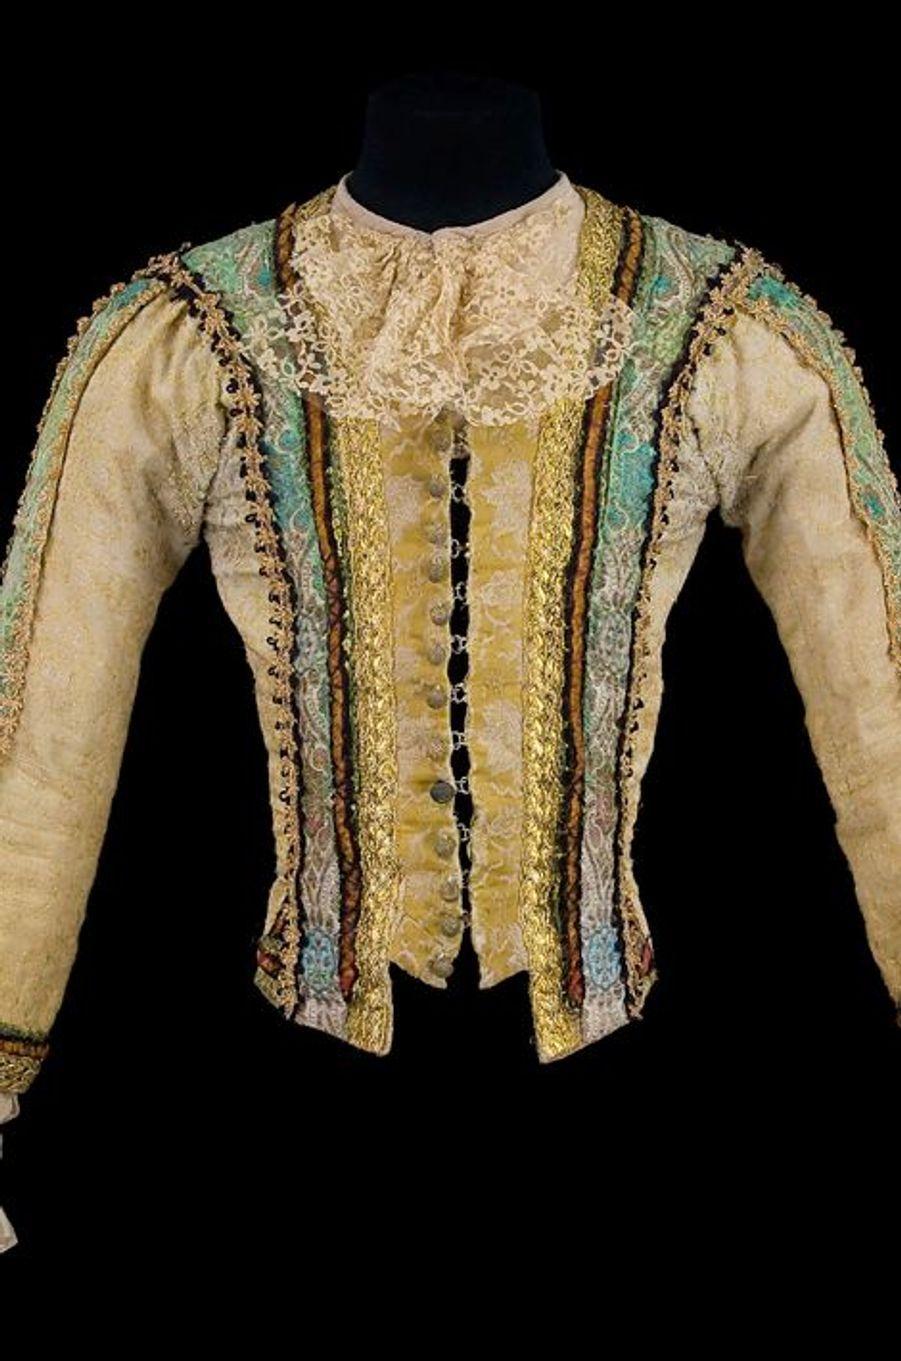 Pourpoint pour le rôle de Basilio dans Don Quichotte, 1979. Costume Nicholas Georgiadis.